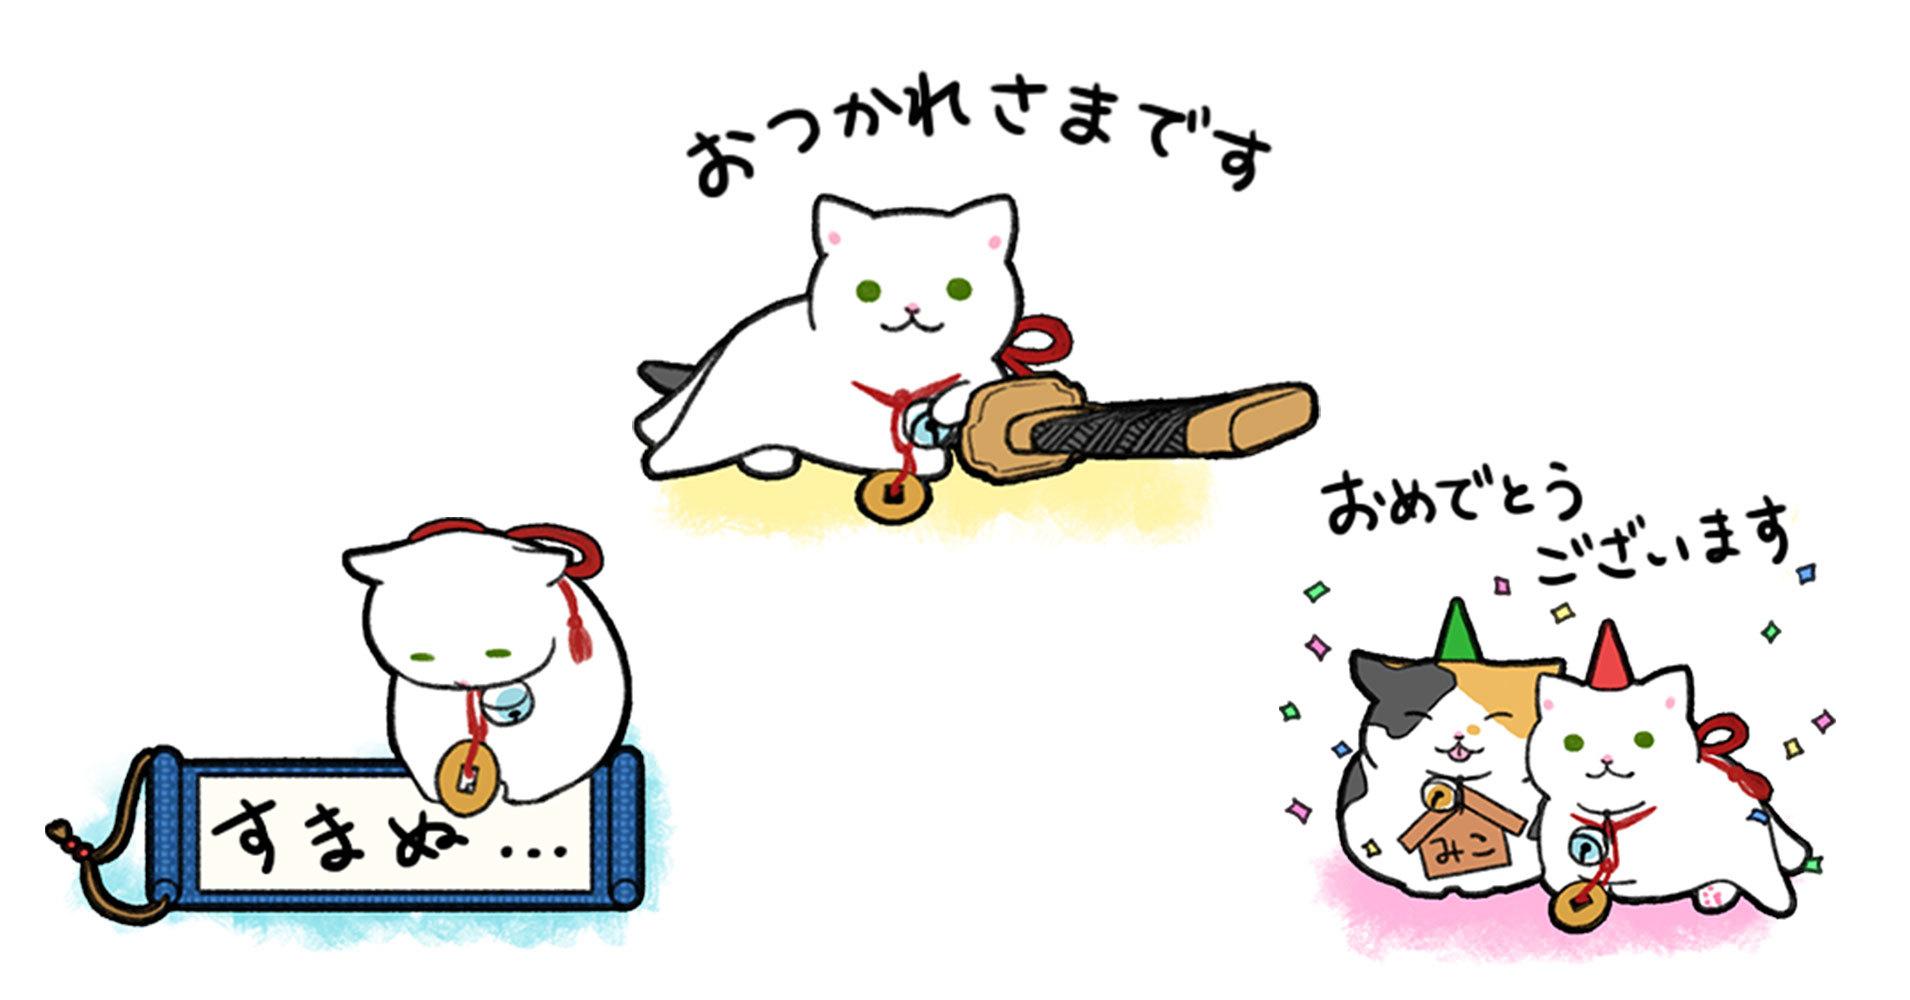 今度はスタンプにゃ!「猫侍」玉之丞のLINEクリエイターズスタンプ発売